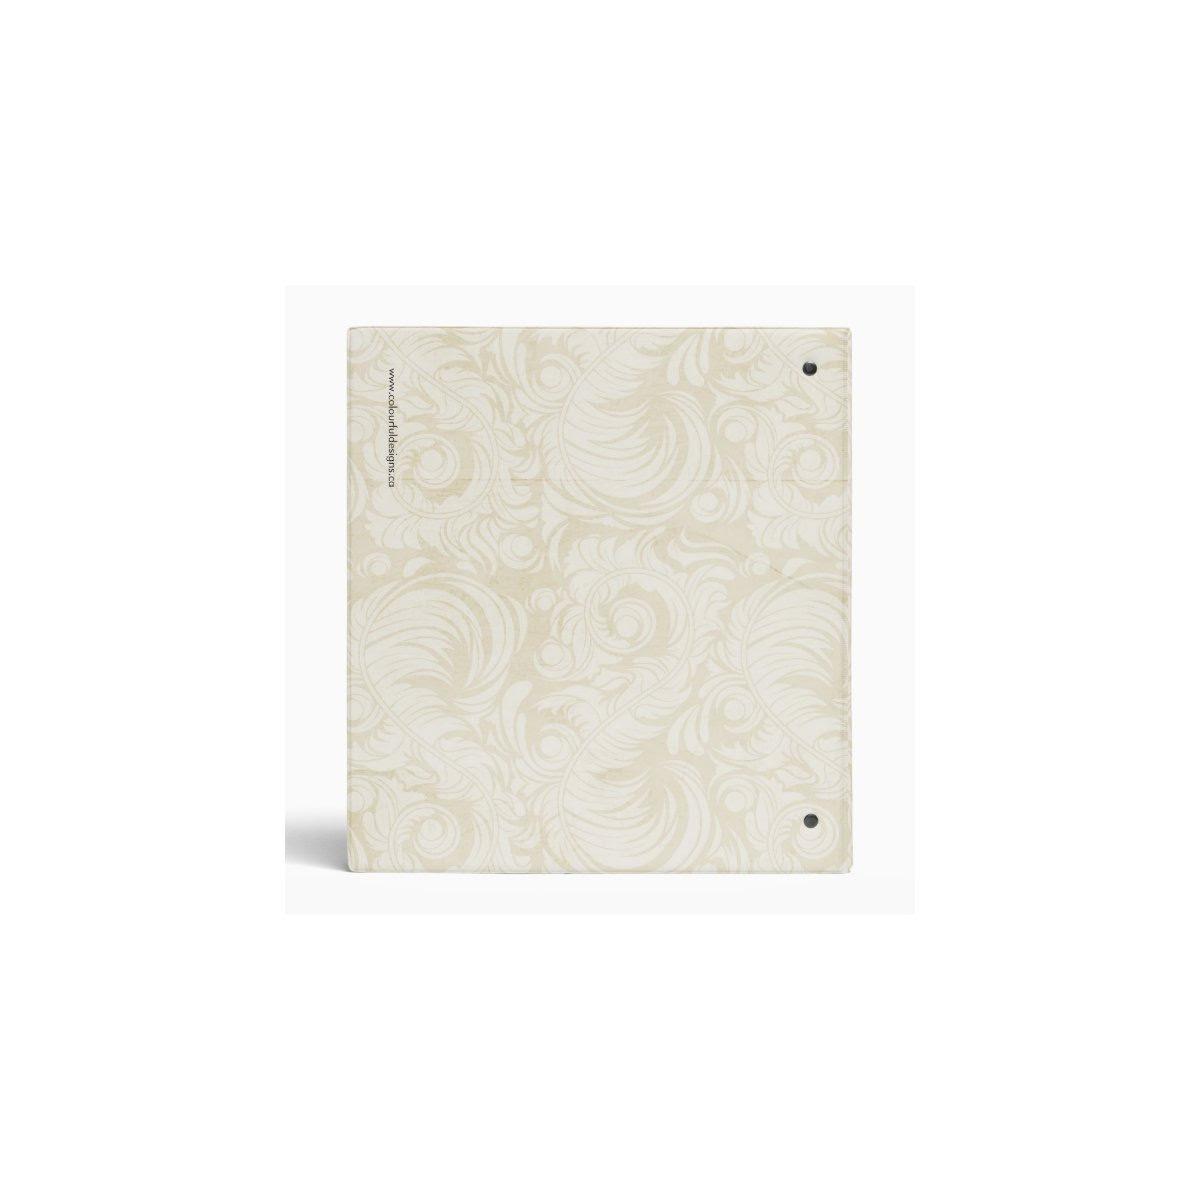 Luxury Interior Design Portfolio Binder | Zazzle